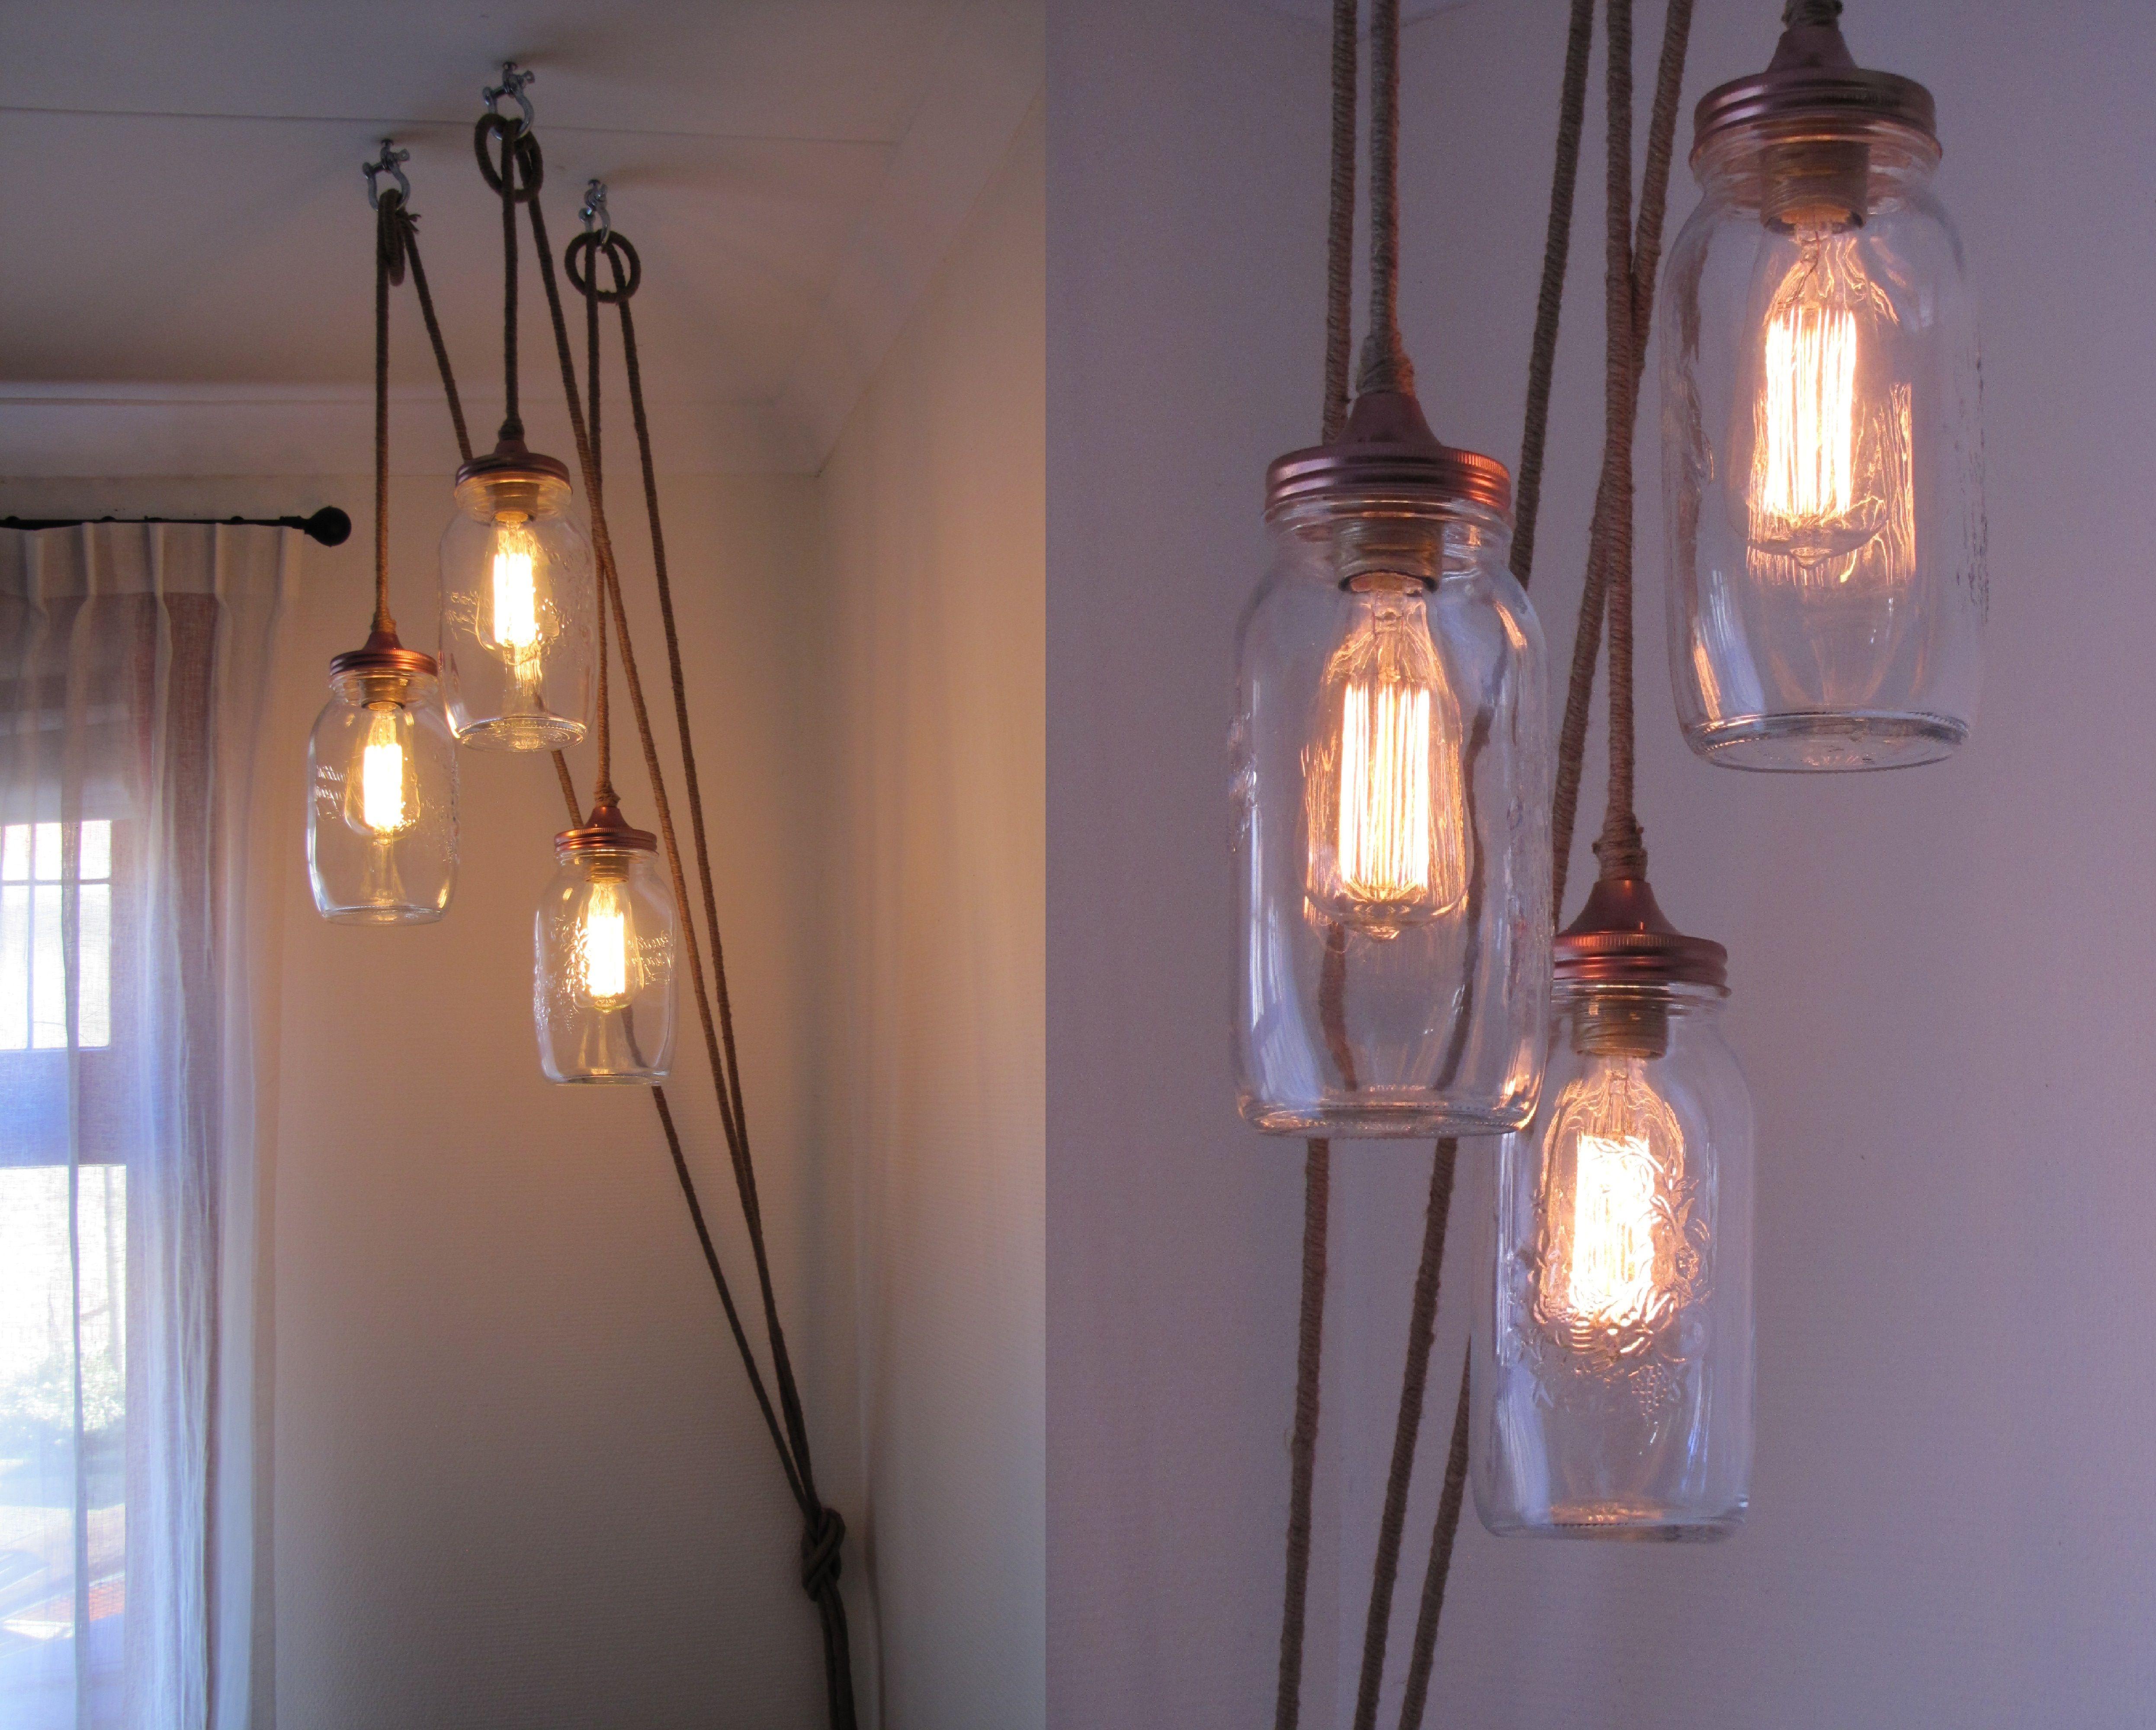 Klassieke Kooldraad Lamp In Glazen Potten Aan Snoer Met Grof Jute Touw Er Omheen Gedraaid Lampen Voor Het Huis Verlichting